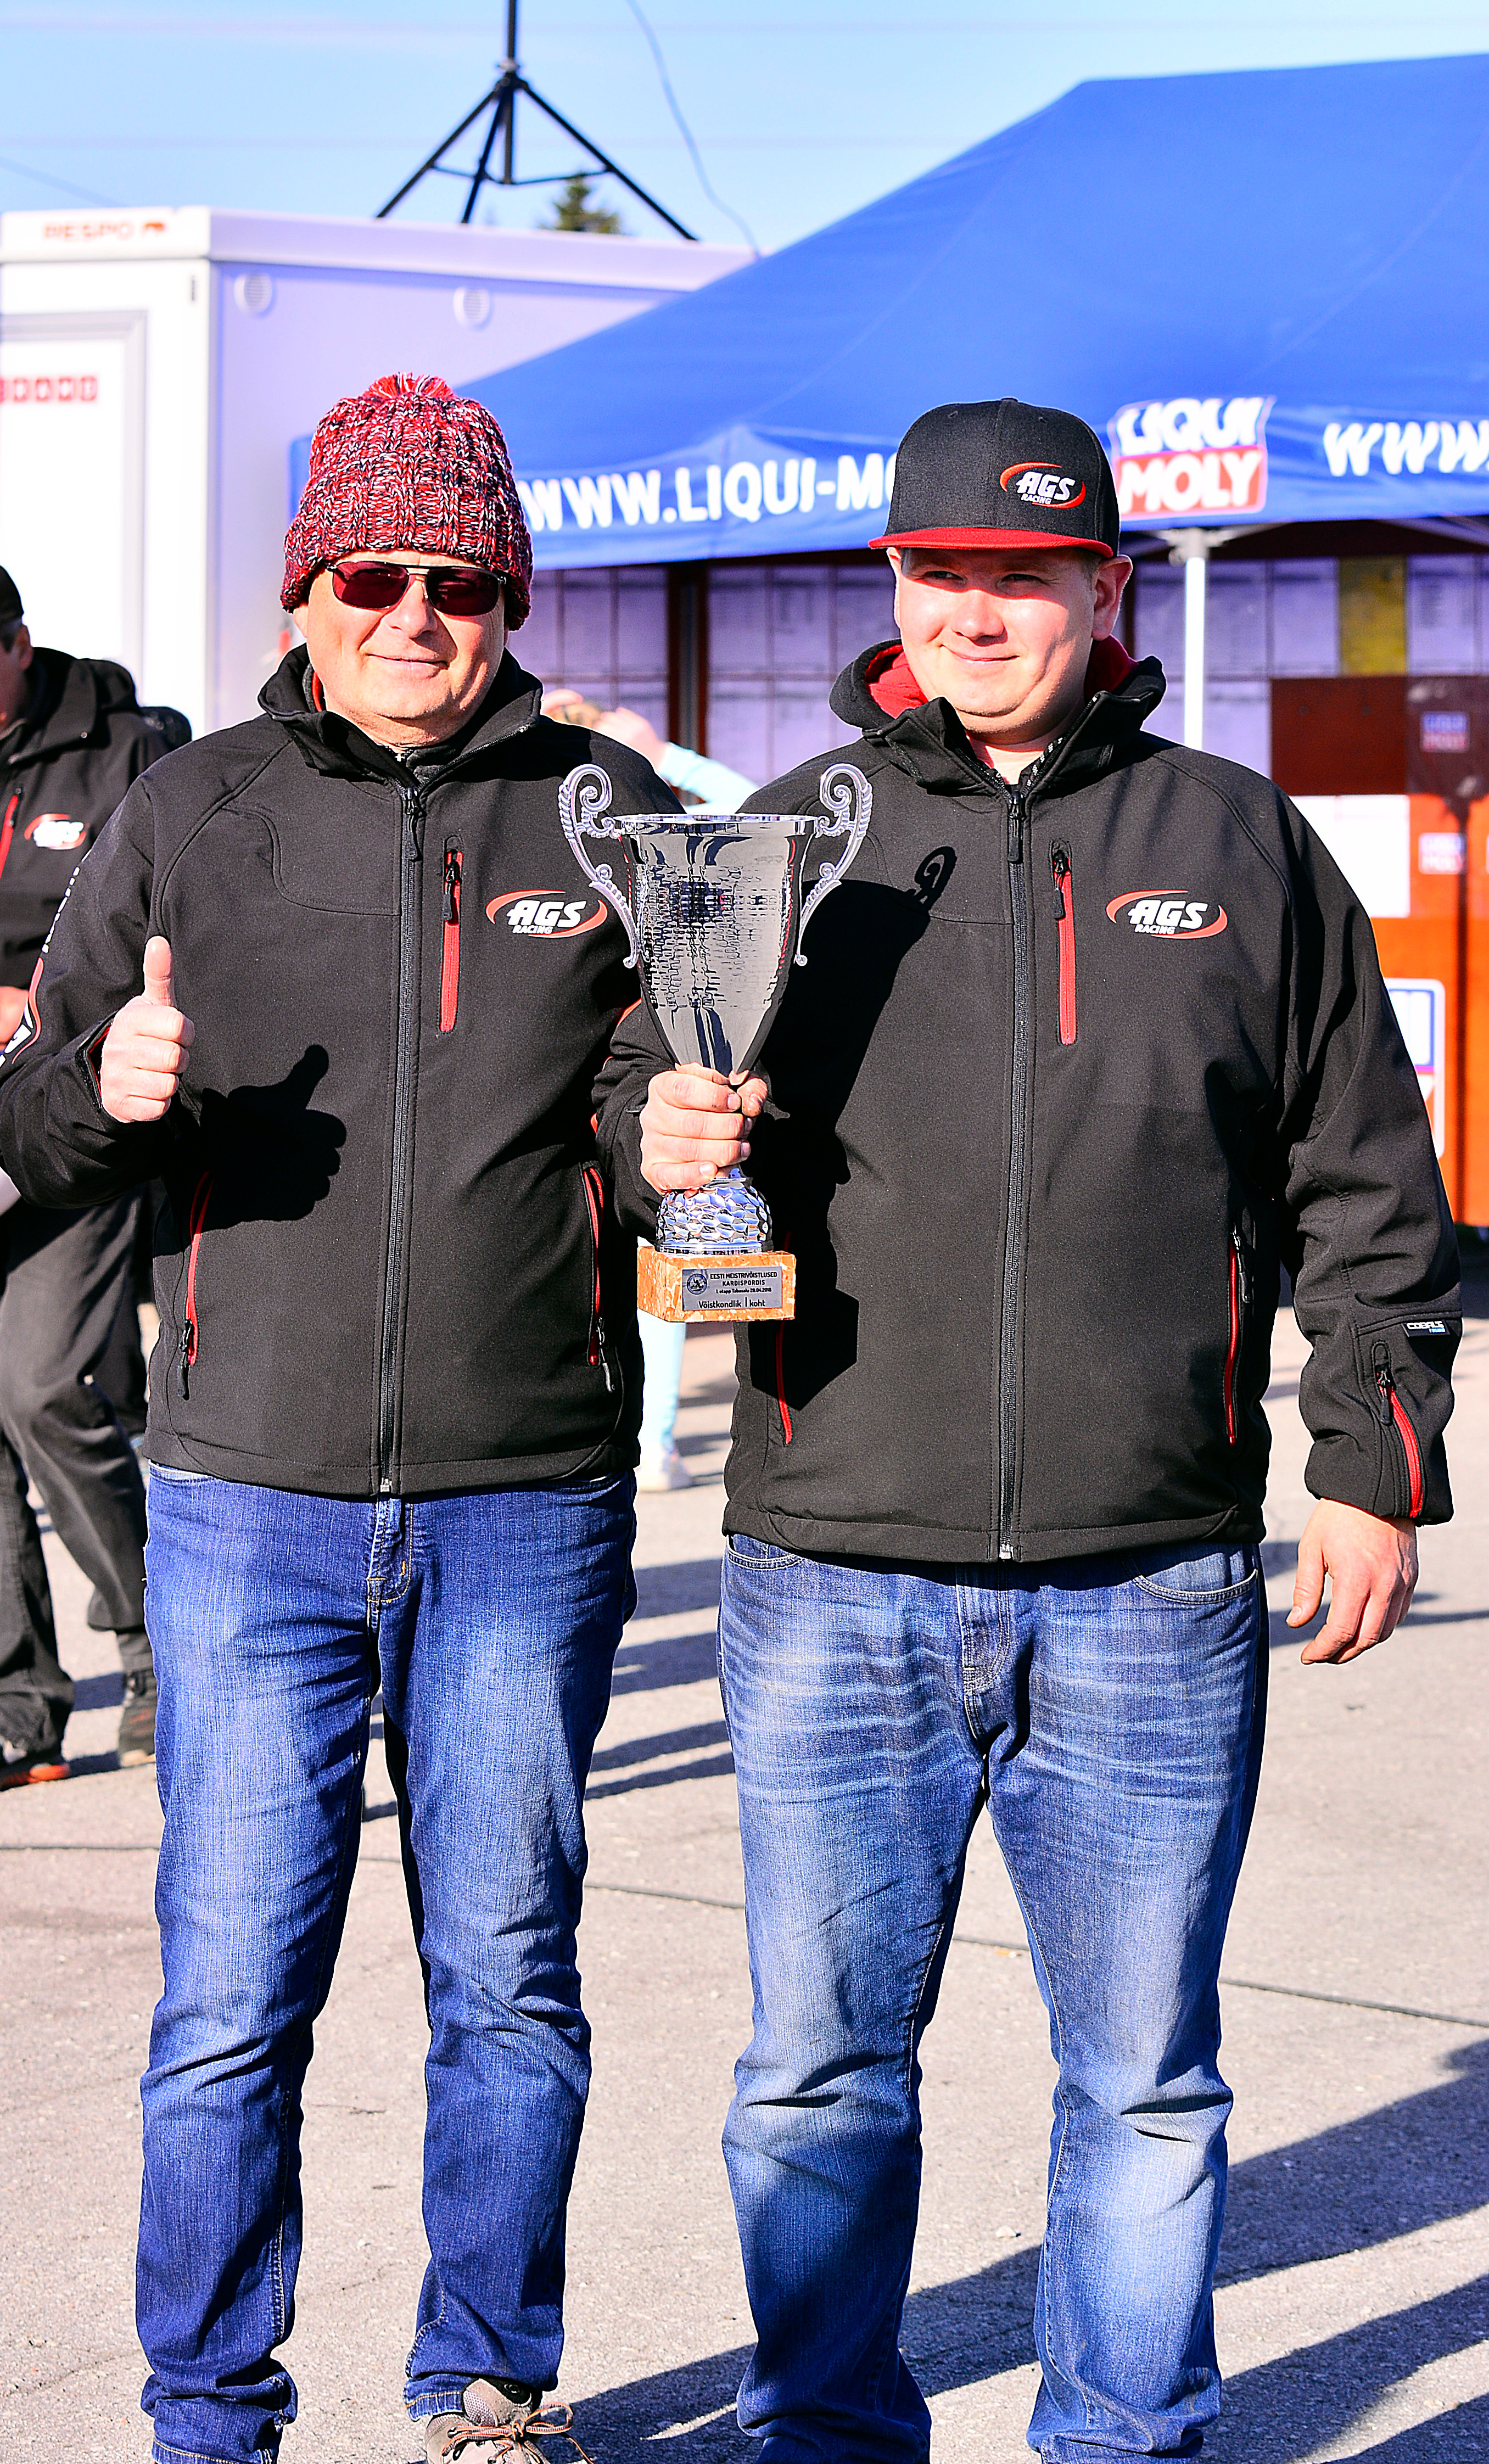 ags_racing_team_võidukarikas